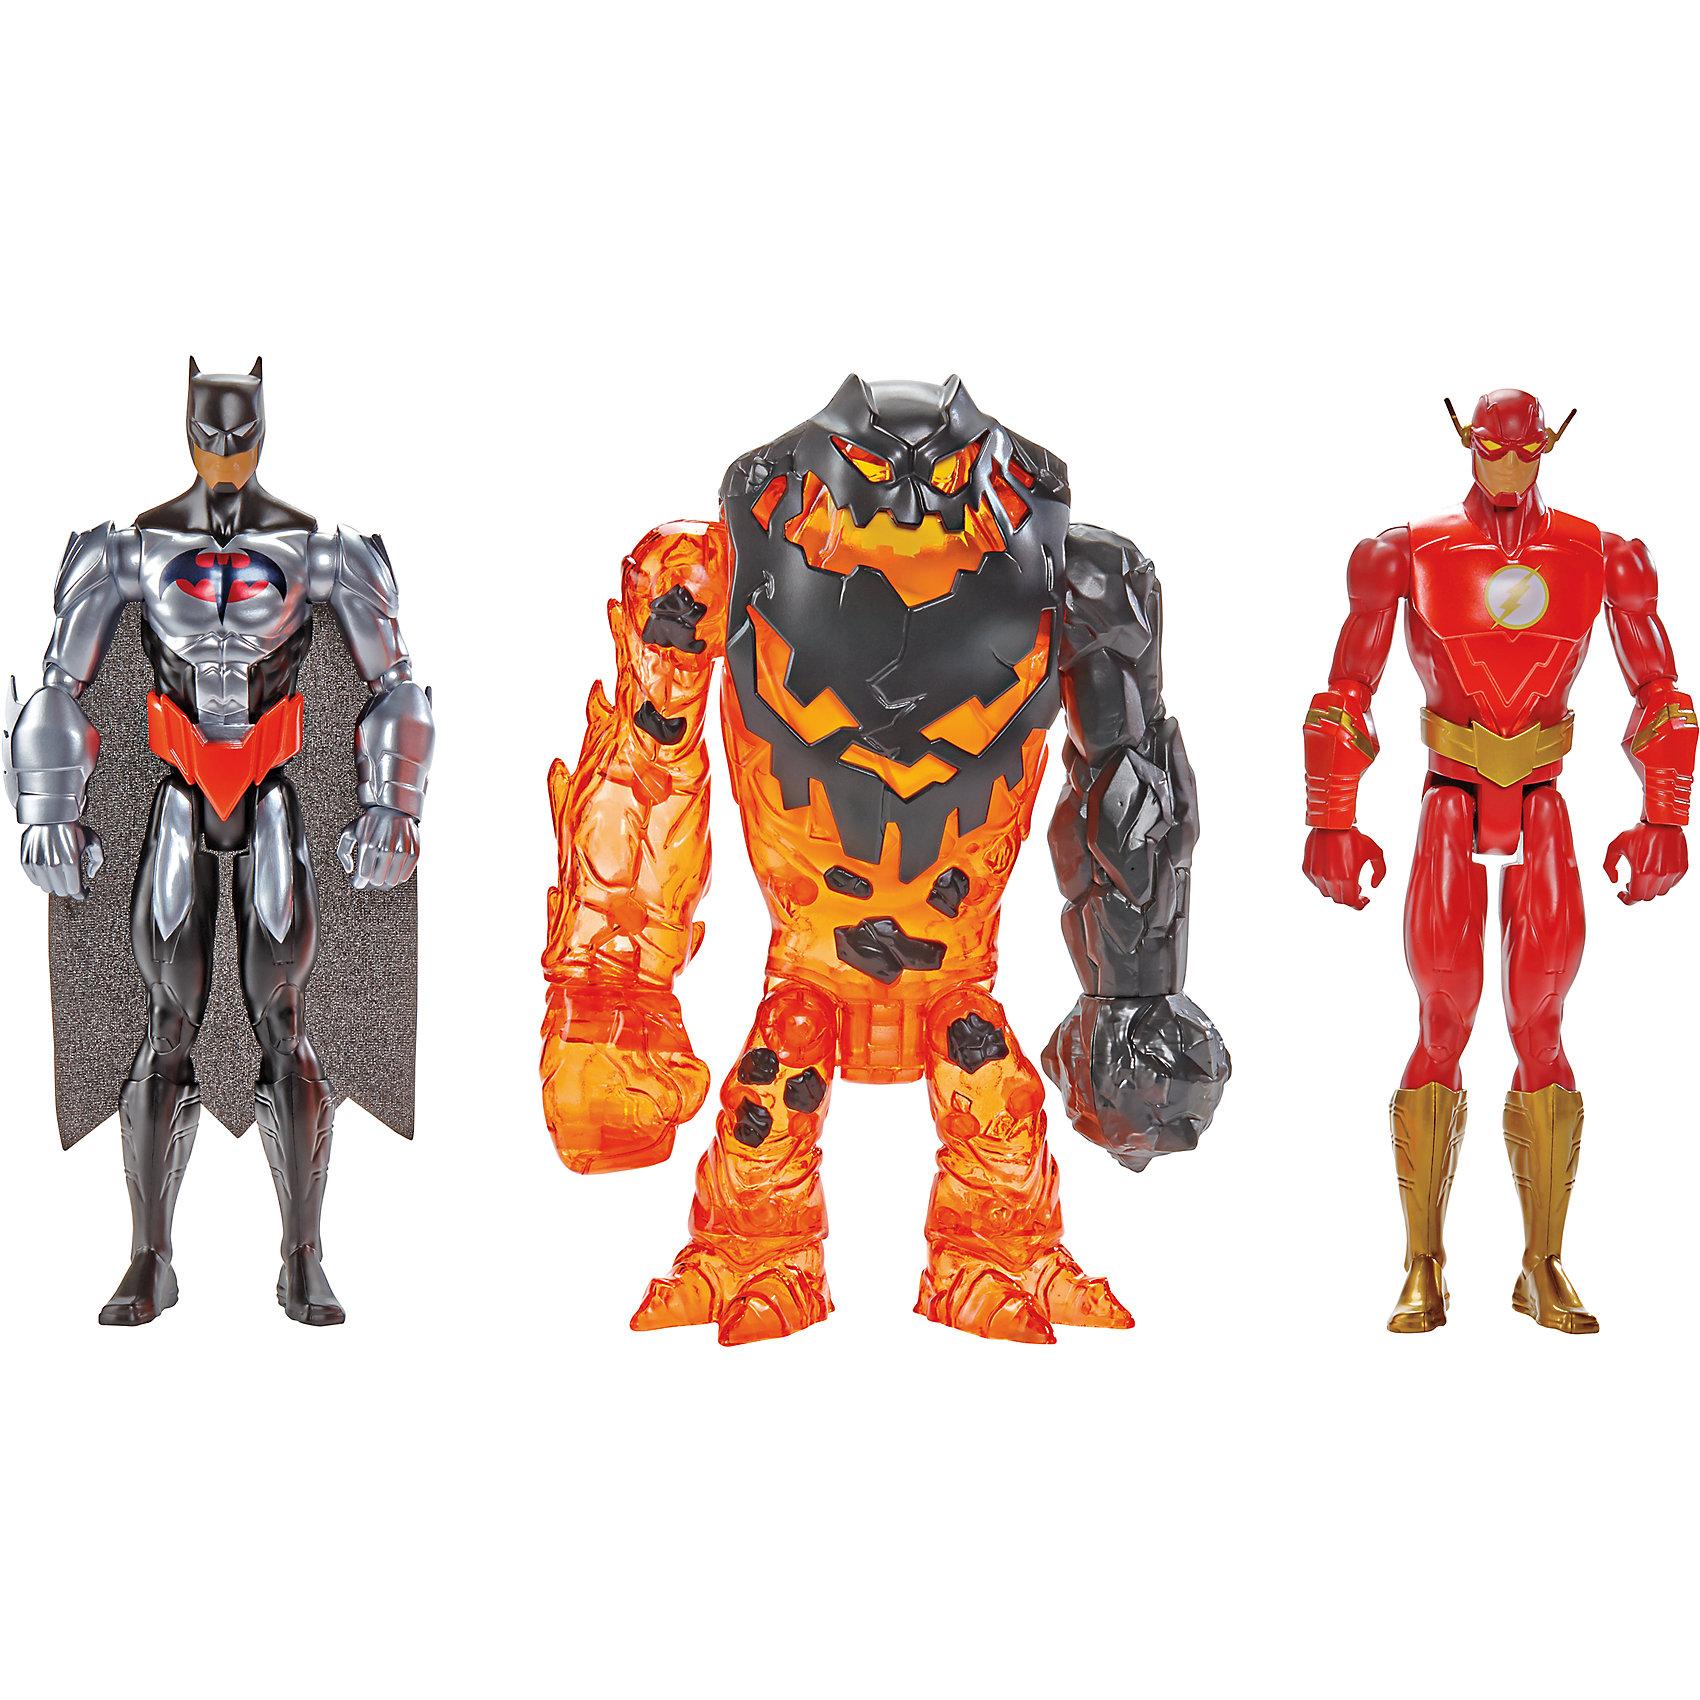 Игровой набор Бэтмен и Флеш, 30 смБэтмен<br>Новые фигурки любимых персонажей приведут в восторг всех поклонников Marvel. Фигурки прекрасно детализированы и реалистично раскрашены, очень похожи на своих прототипов из комиксов. Игрушки выполнены из высококачественного пластика, раскрашены экологичными гипоаллергенными красителями, имеют более 10 шарниров, что позволяет им приобретать любые позы. <br><br>Дополнительная информация:<br><br>- Материал: пластик.<br>- Размер фигурки: 30 см. <br>- Голова, руки, ноги подвижные (более 10 шарниров).<br>- Прекрасно детализированы.<br><br>Игровой набор Бэтмен и Флеш, 30 см, можно купить в нашем магазине.<br><br>Ширина мм: 95<br>Глубина мм: 435<br>Высота мм: 330<br>Вес г: 1435<br>Возраст от месяцев: 36<br>Возраст до месяцев: 144<br>Пол: Мужской<br>Возраст: Детский<br>SKU: 4556238